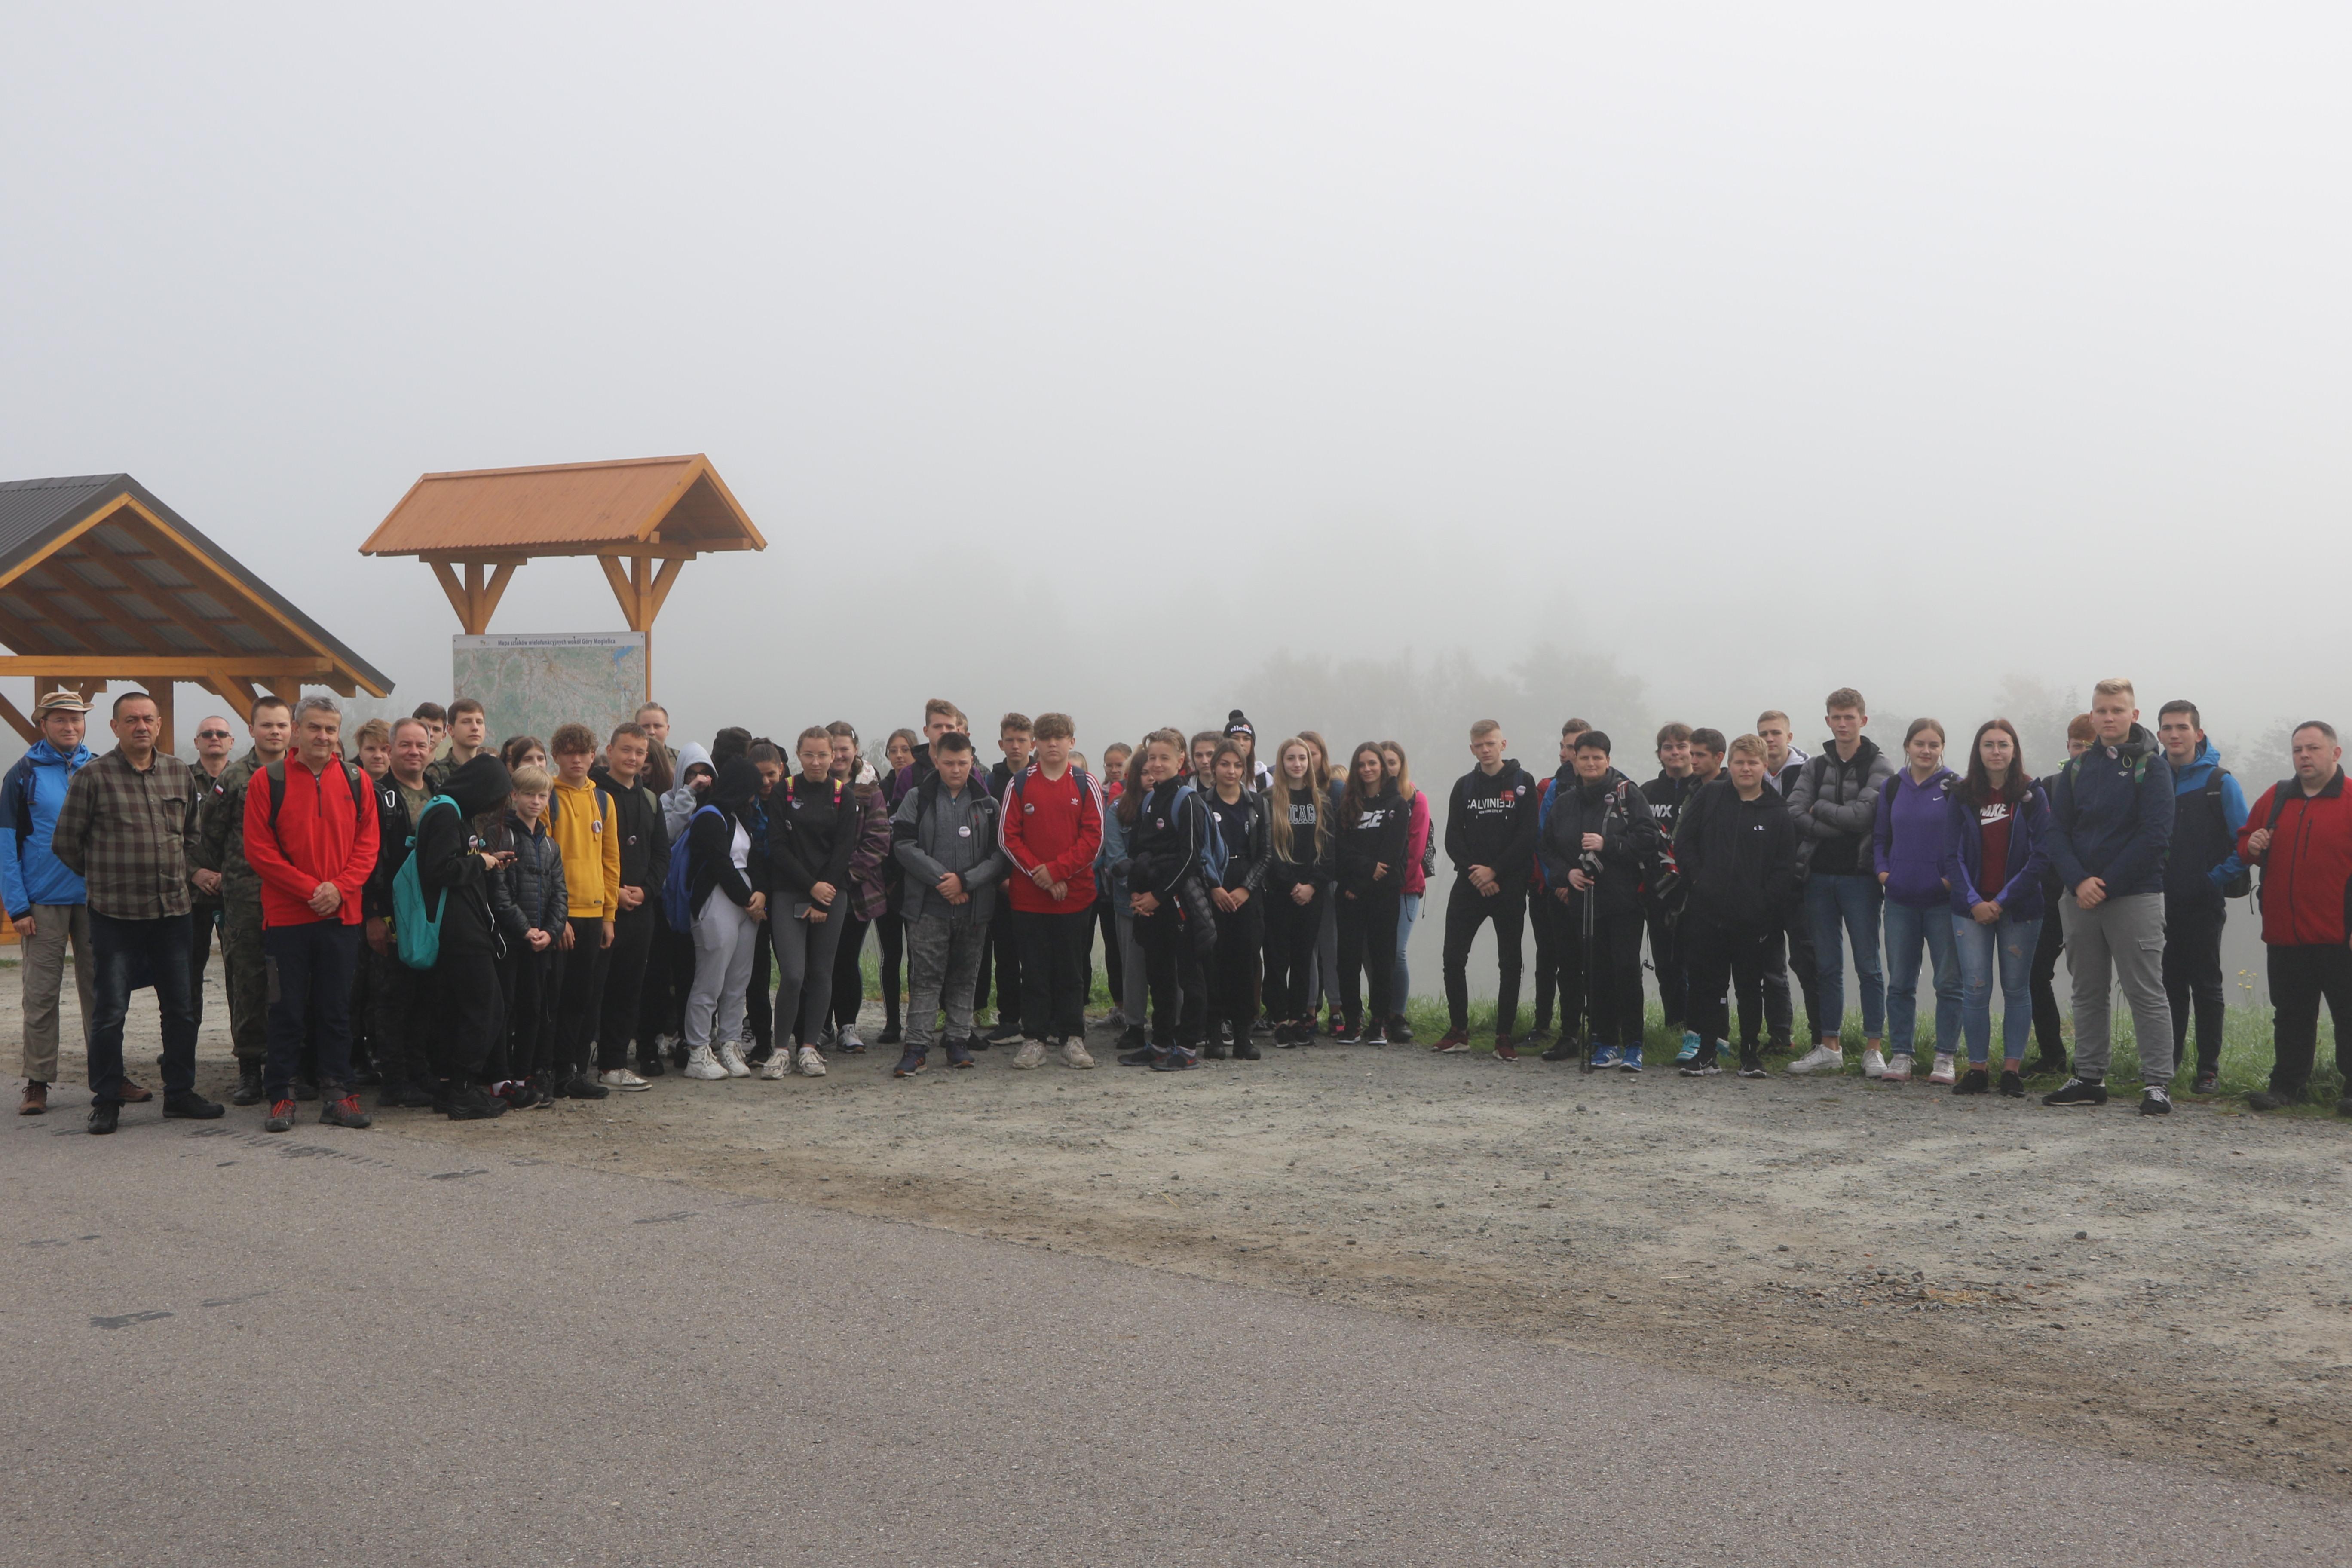 Grupa uczniów biorąca udział w rajdzie.